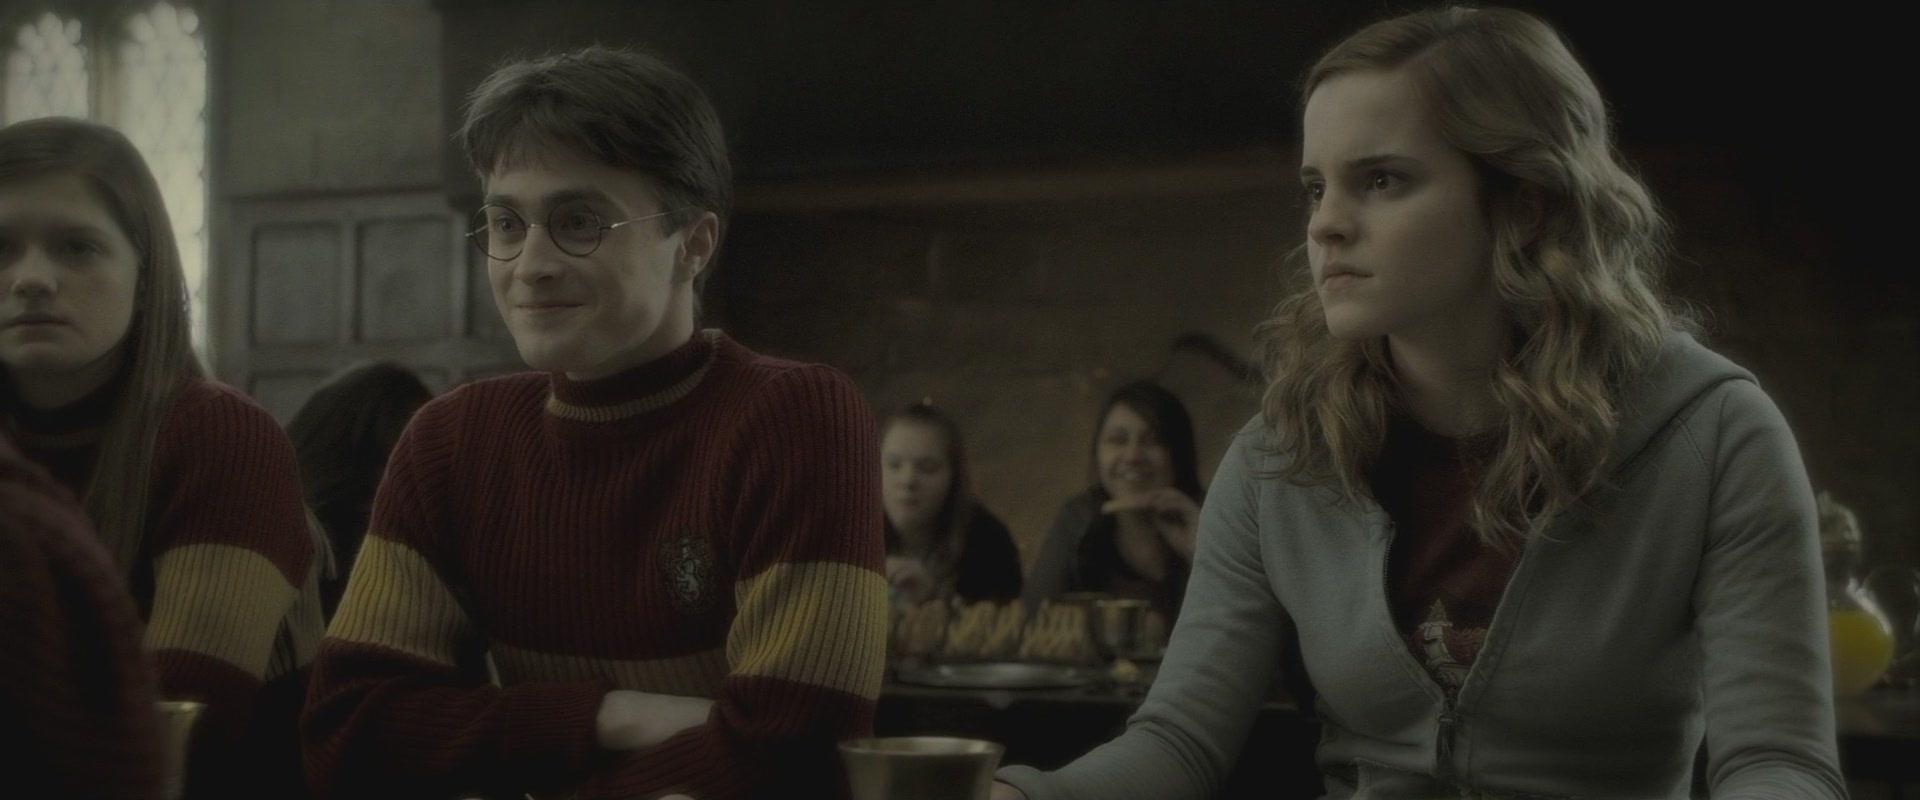 Hermione half blood prince hermione granger image - Hermione granger and the half blood prince ...